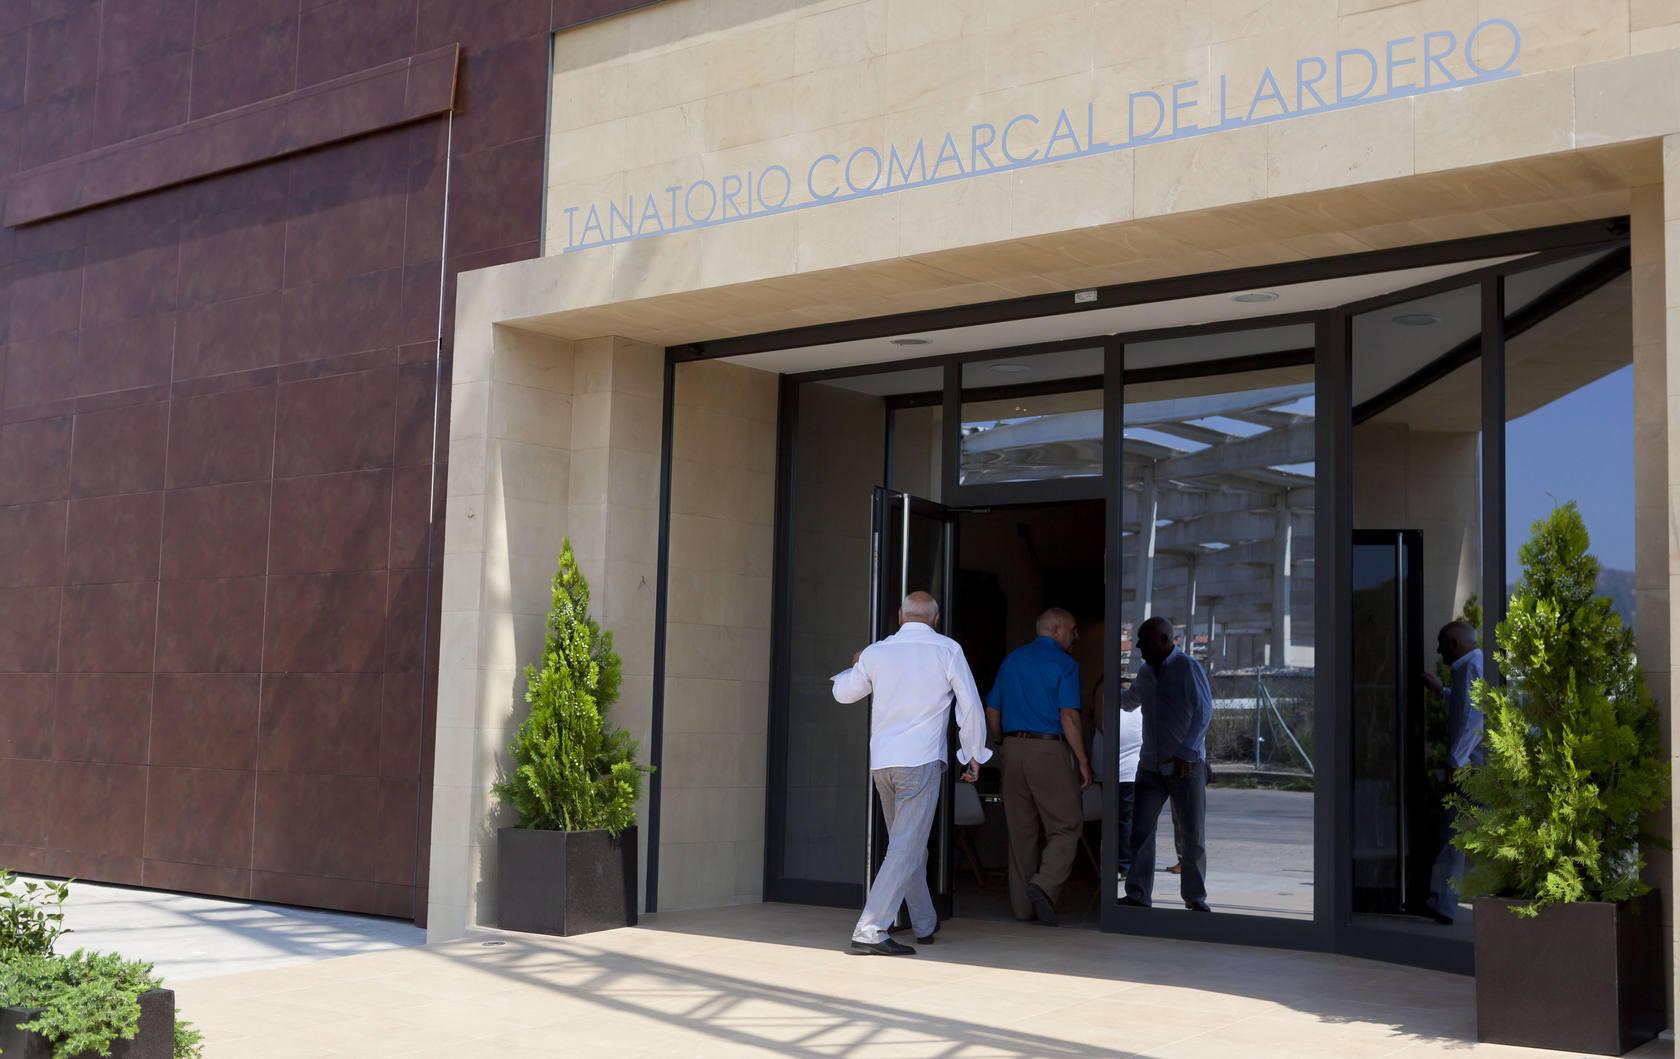 Inauguración del nuevo tanatorio de Lardero